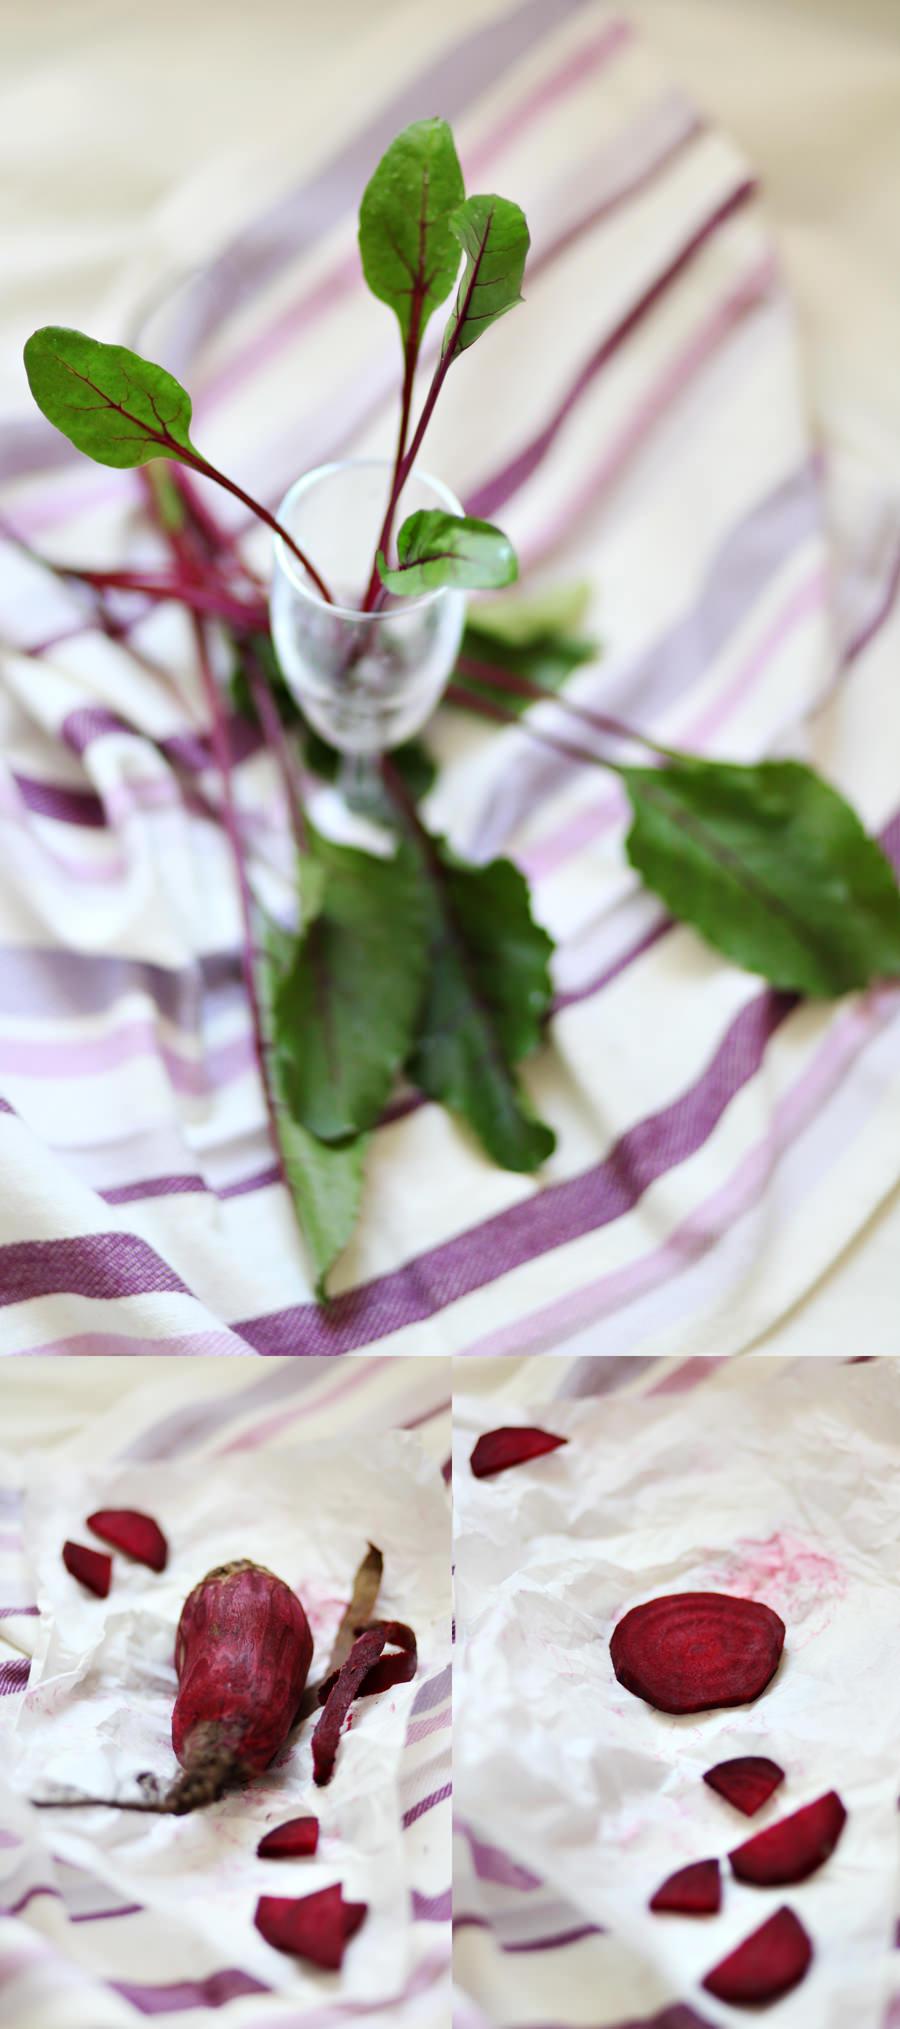 fotografia młode liście buraka zwane botwinką